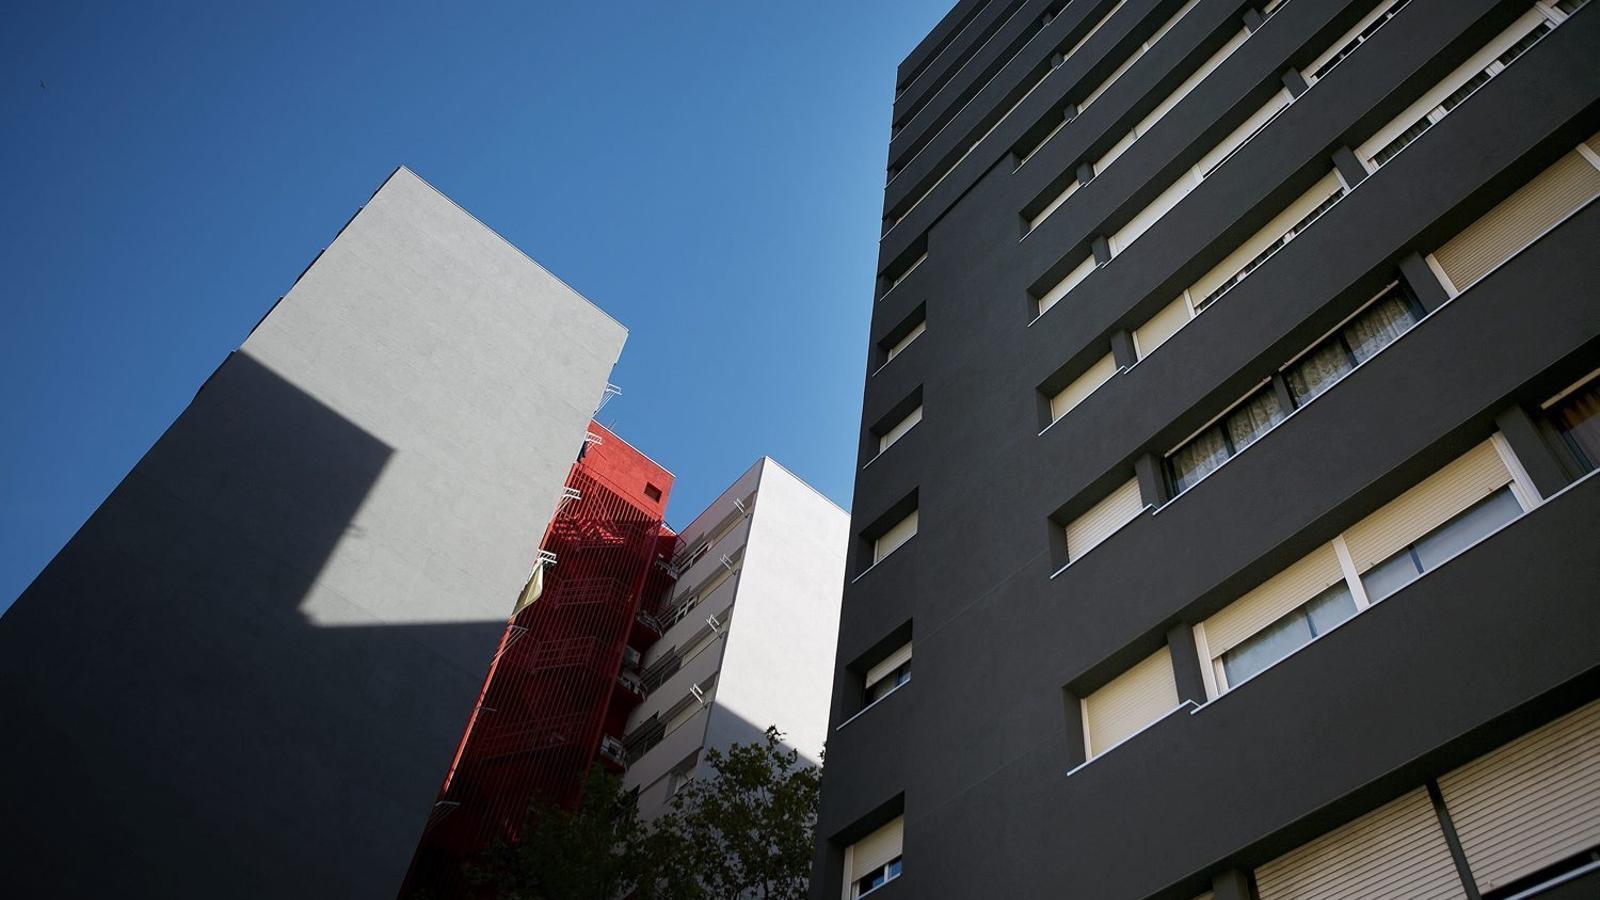 Barcelona empaita els pisos buits per destinar-los a lloguer social.